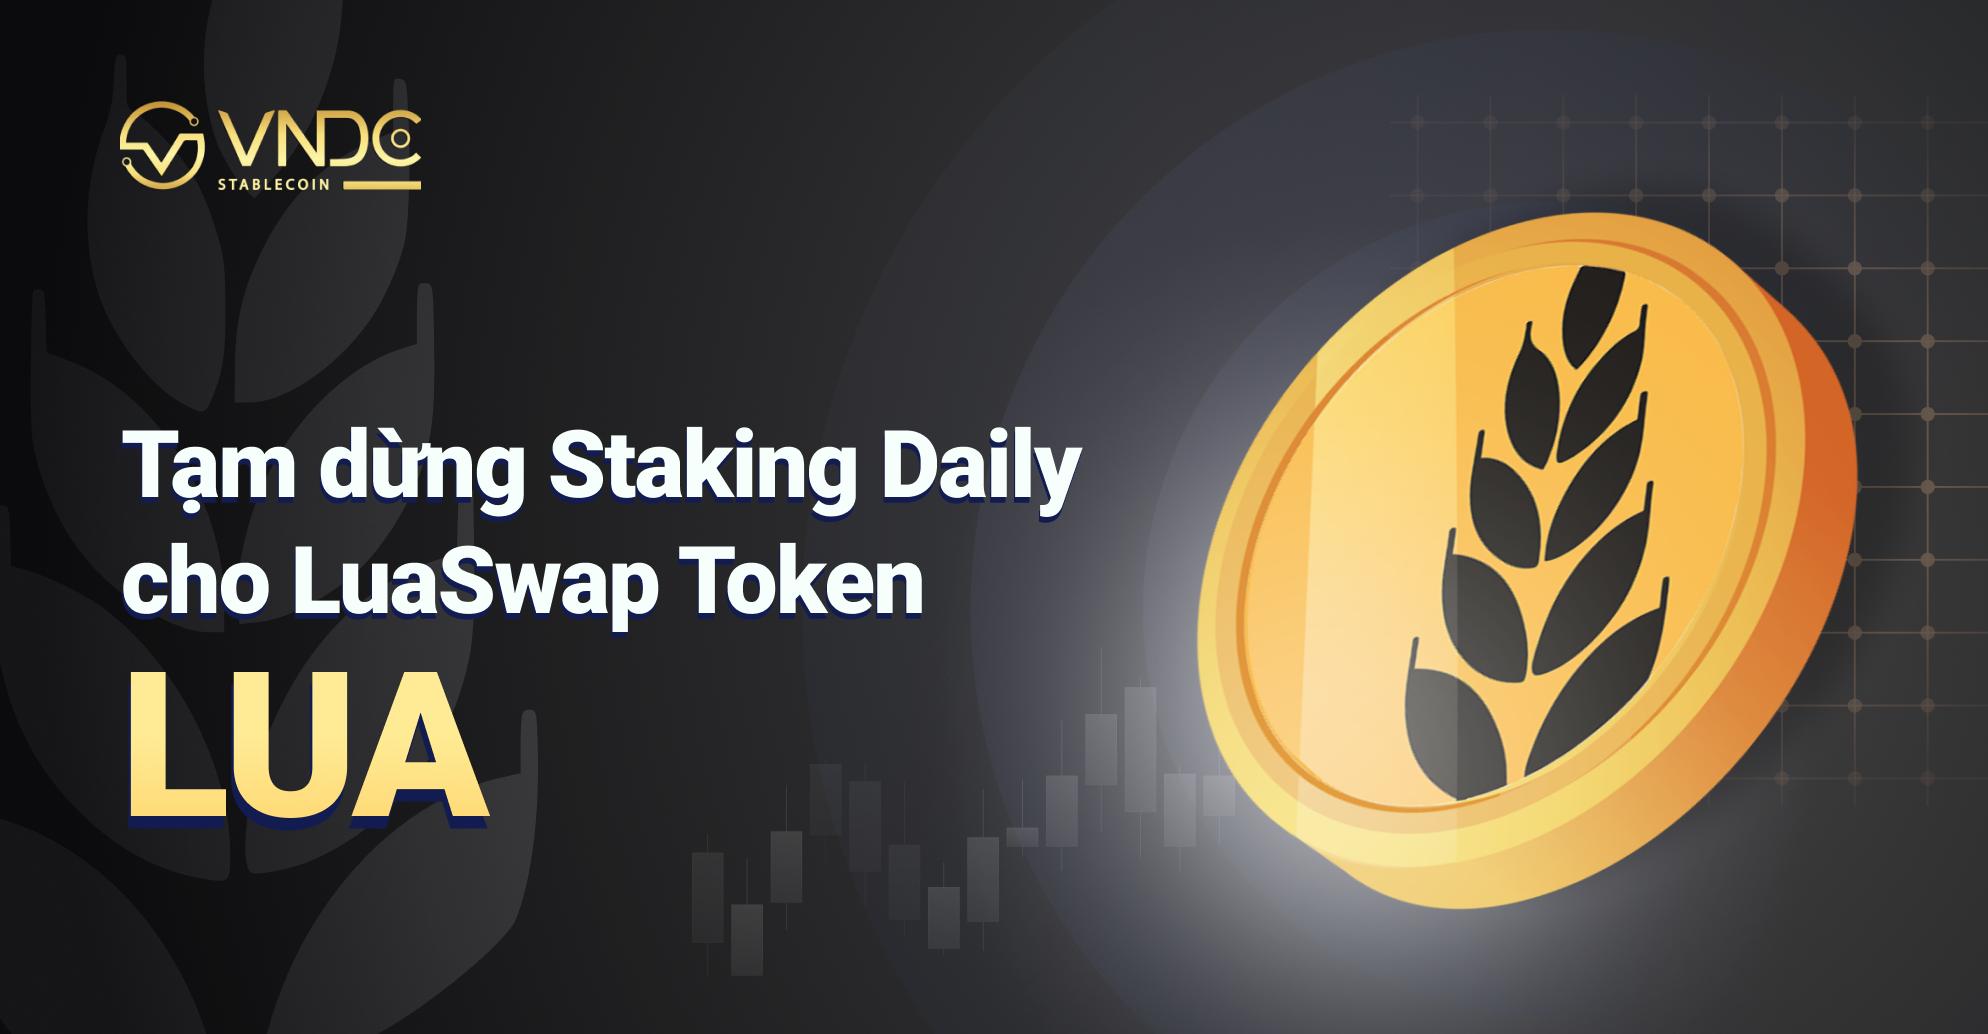 Tạm dừng tính năng Staking Daily cho LuaSwap Token (LUA)